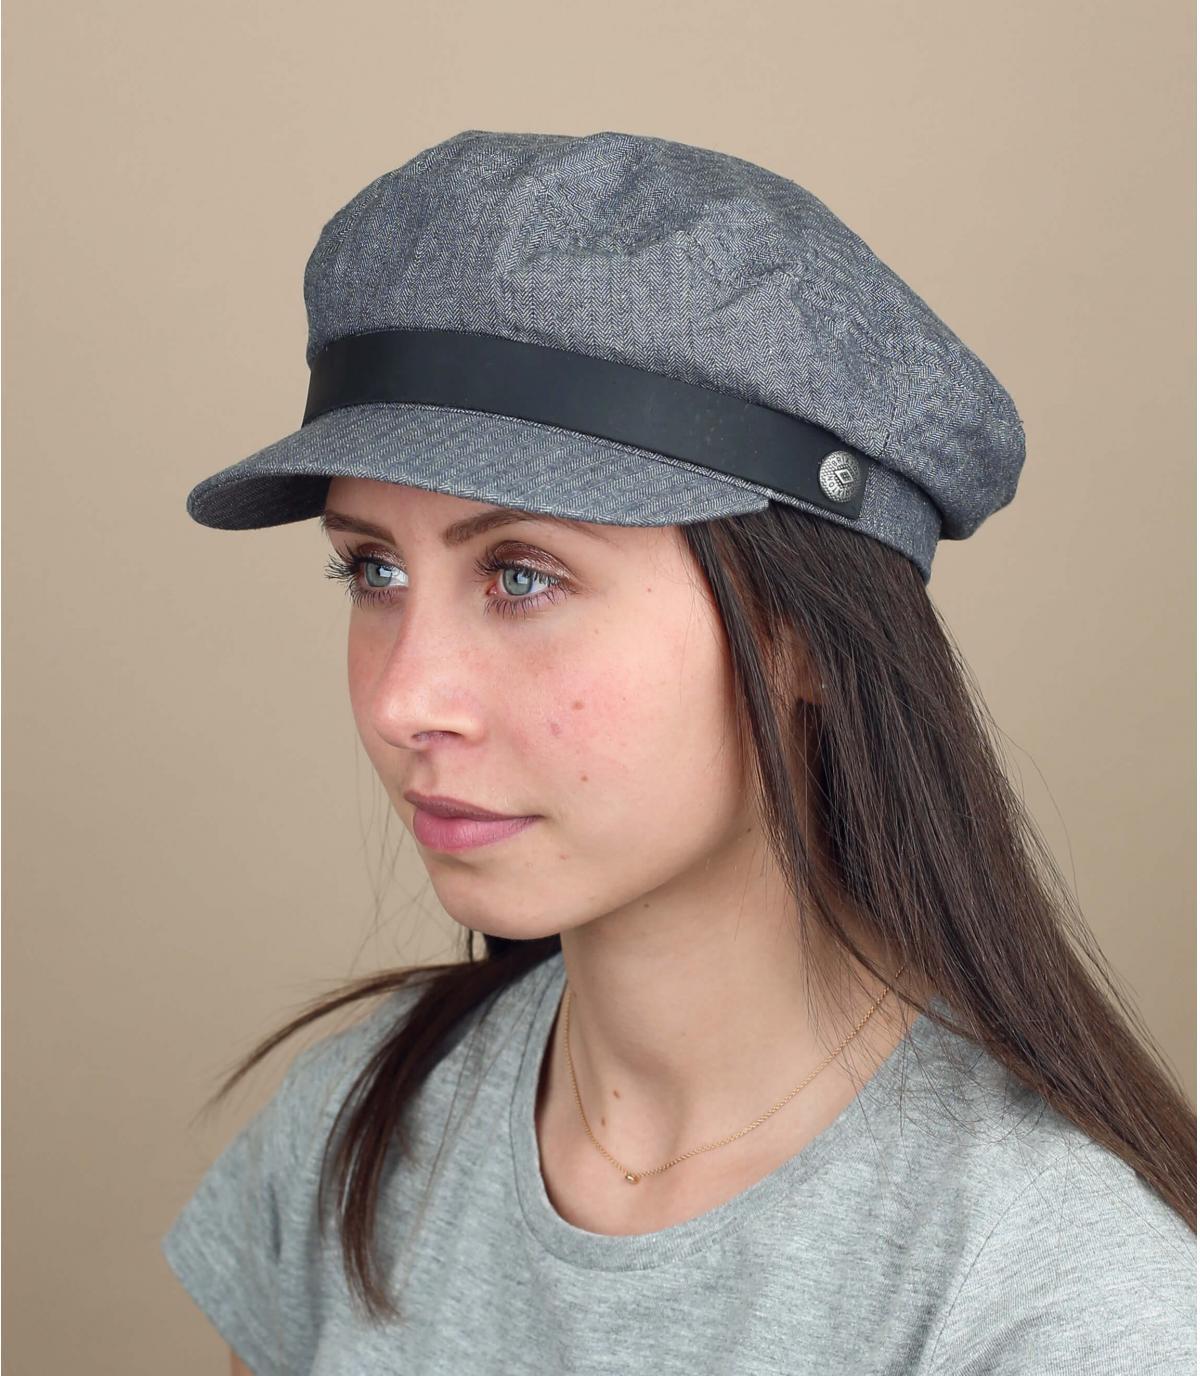 matroos cap vrouw grijs